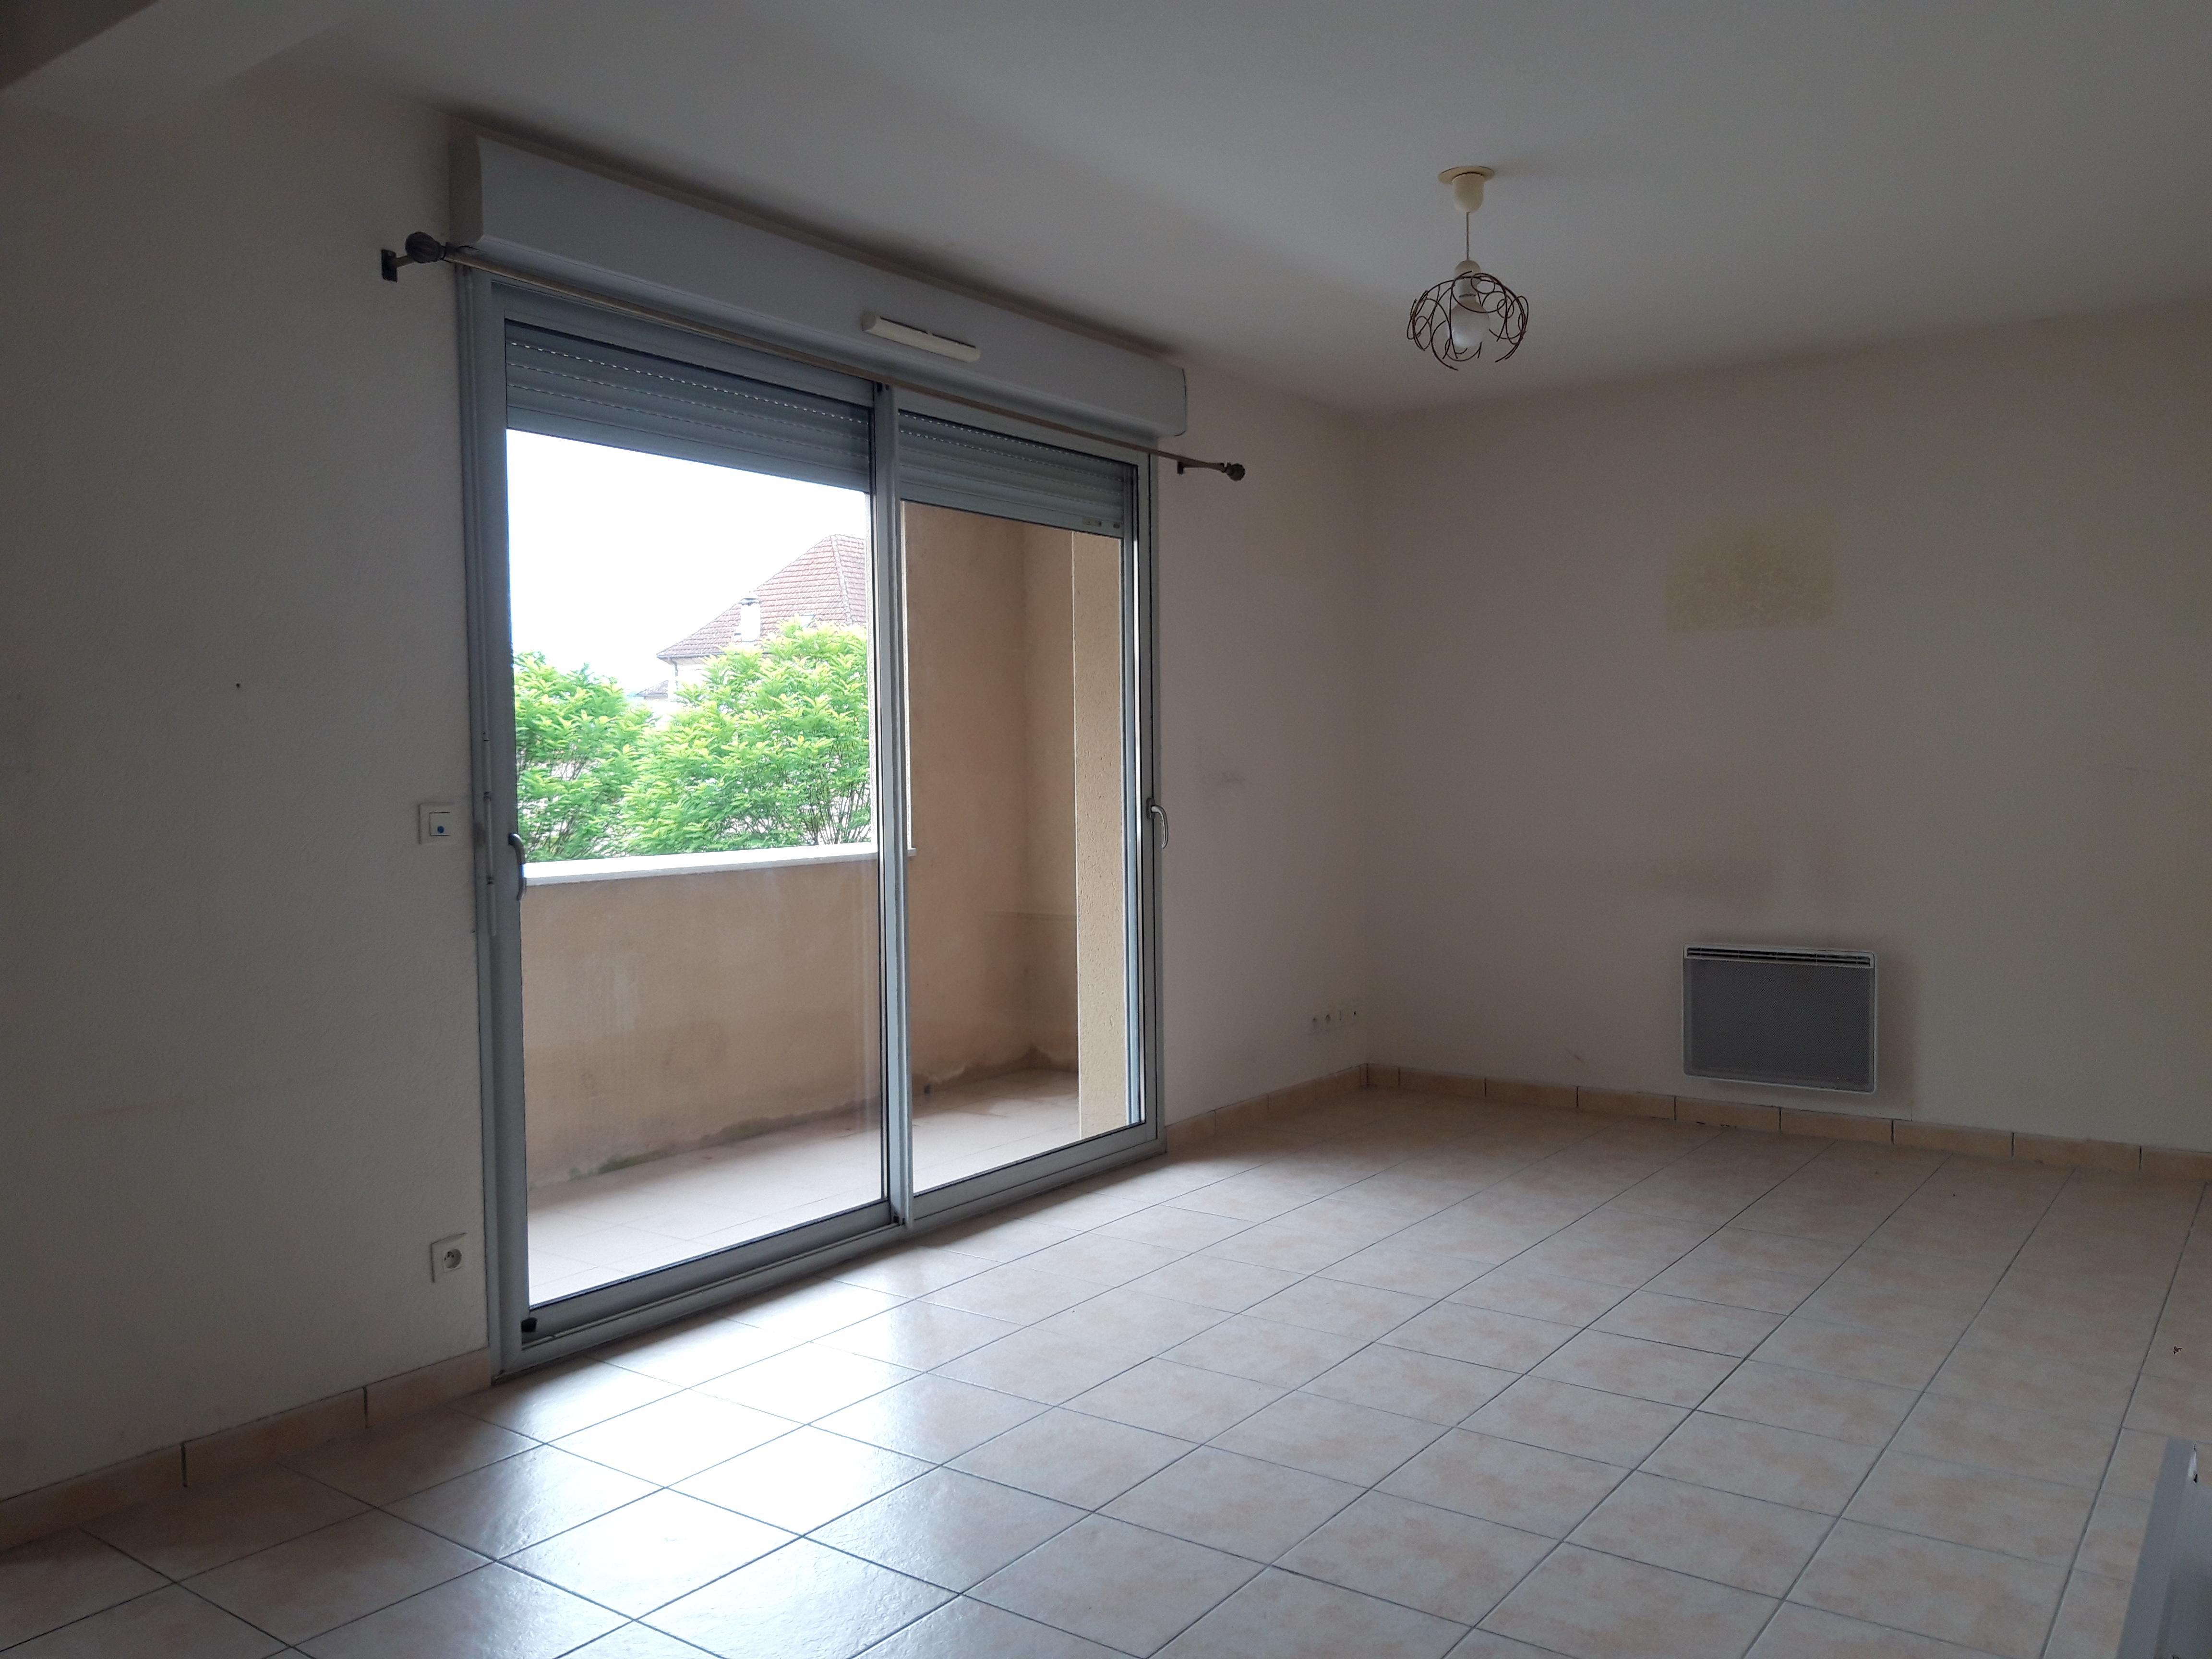 Appartement T2 en résidence avec cave et garage à louer à FIGEAC